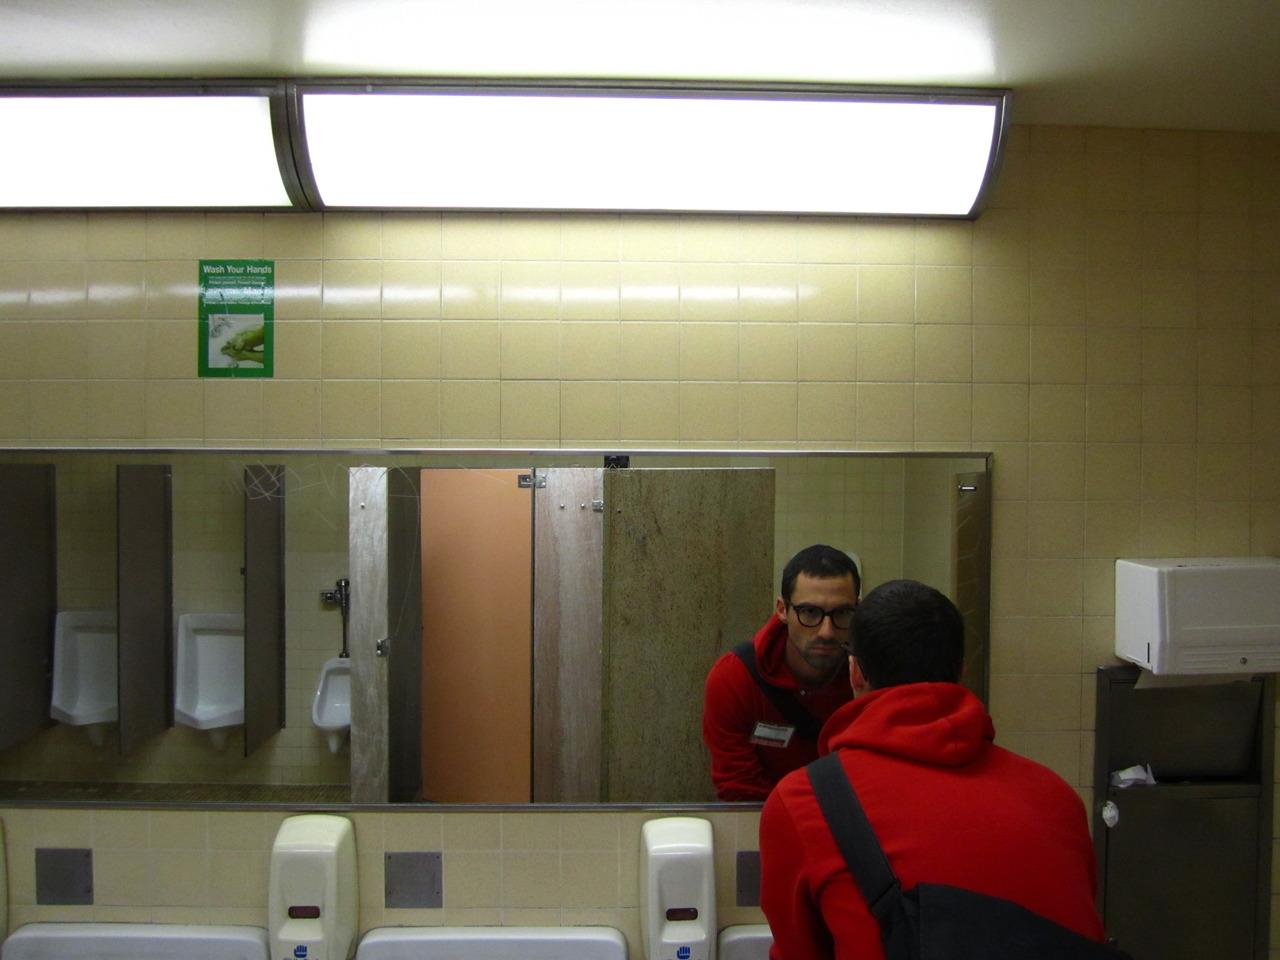 Lávese las manos. Los Angeles, CA